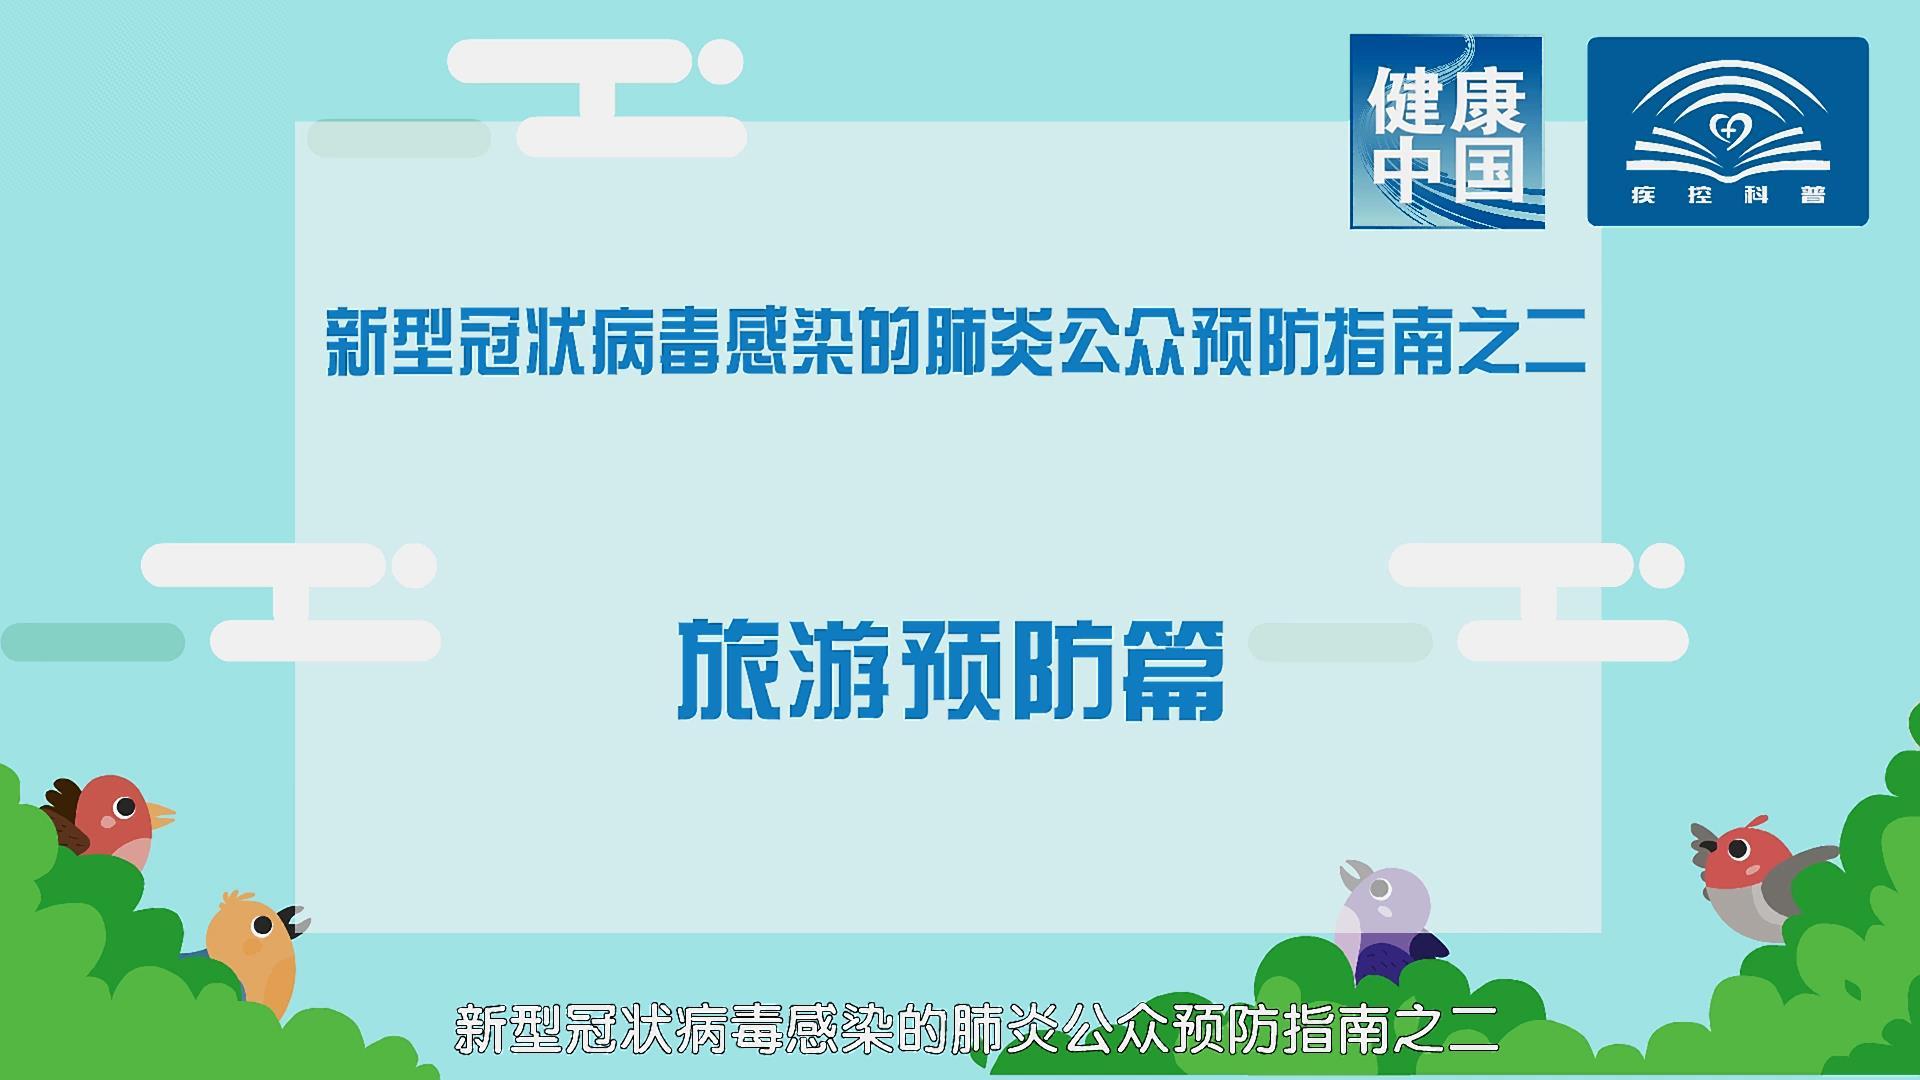 新冠肺炎公众预防指南之二《旅游预防篇》